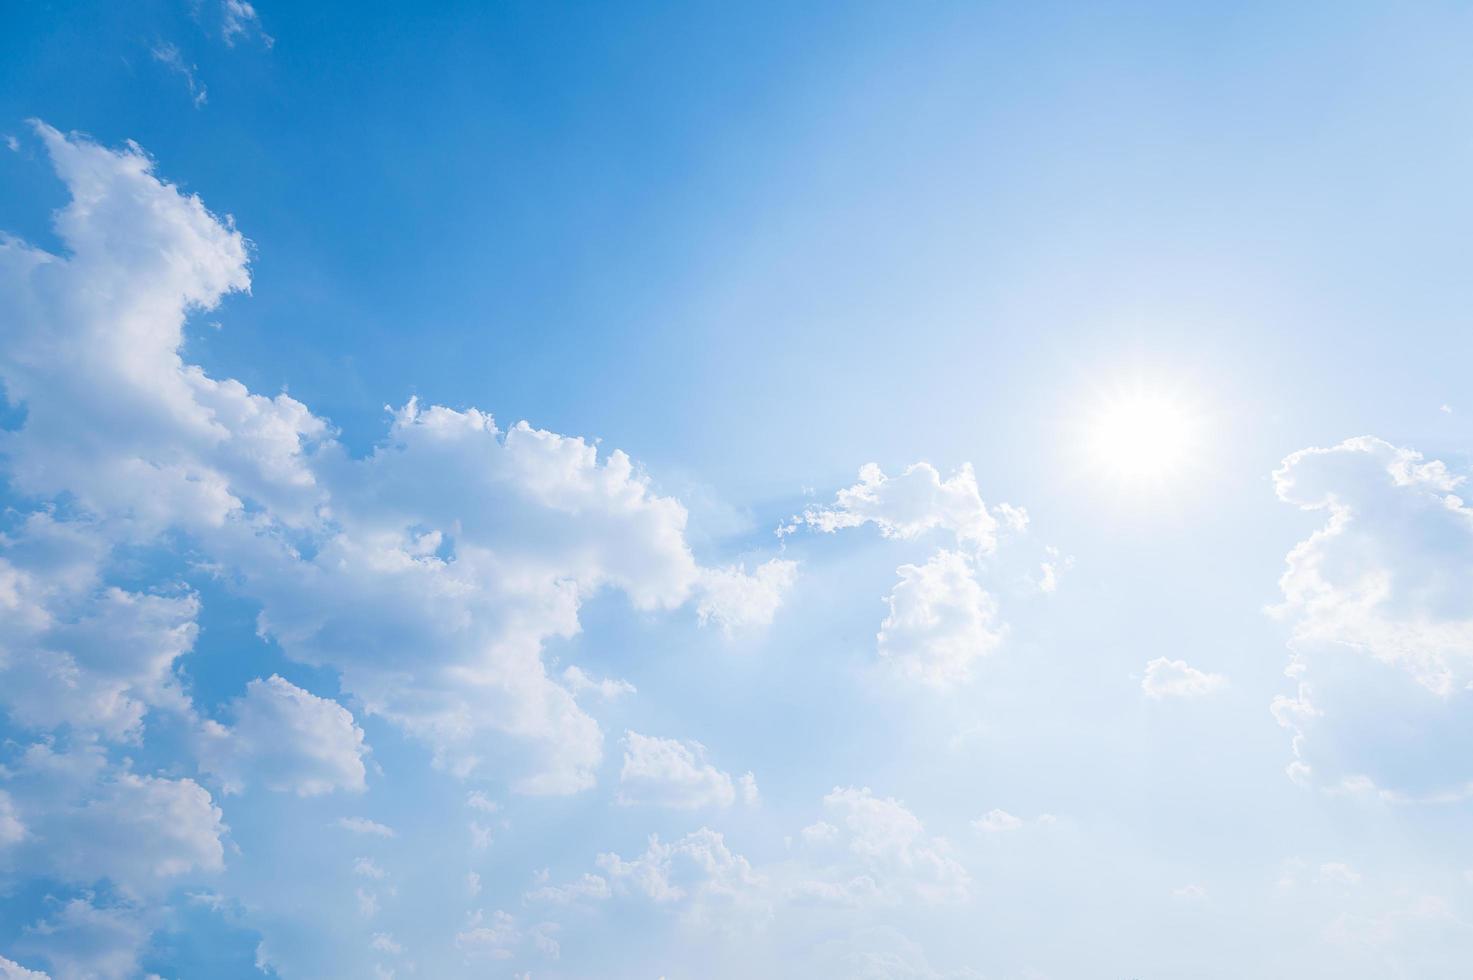 Wolken und Himmel während des Tages foto